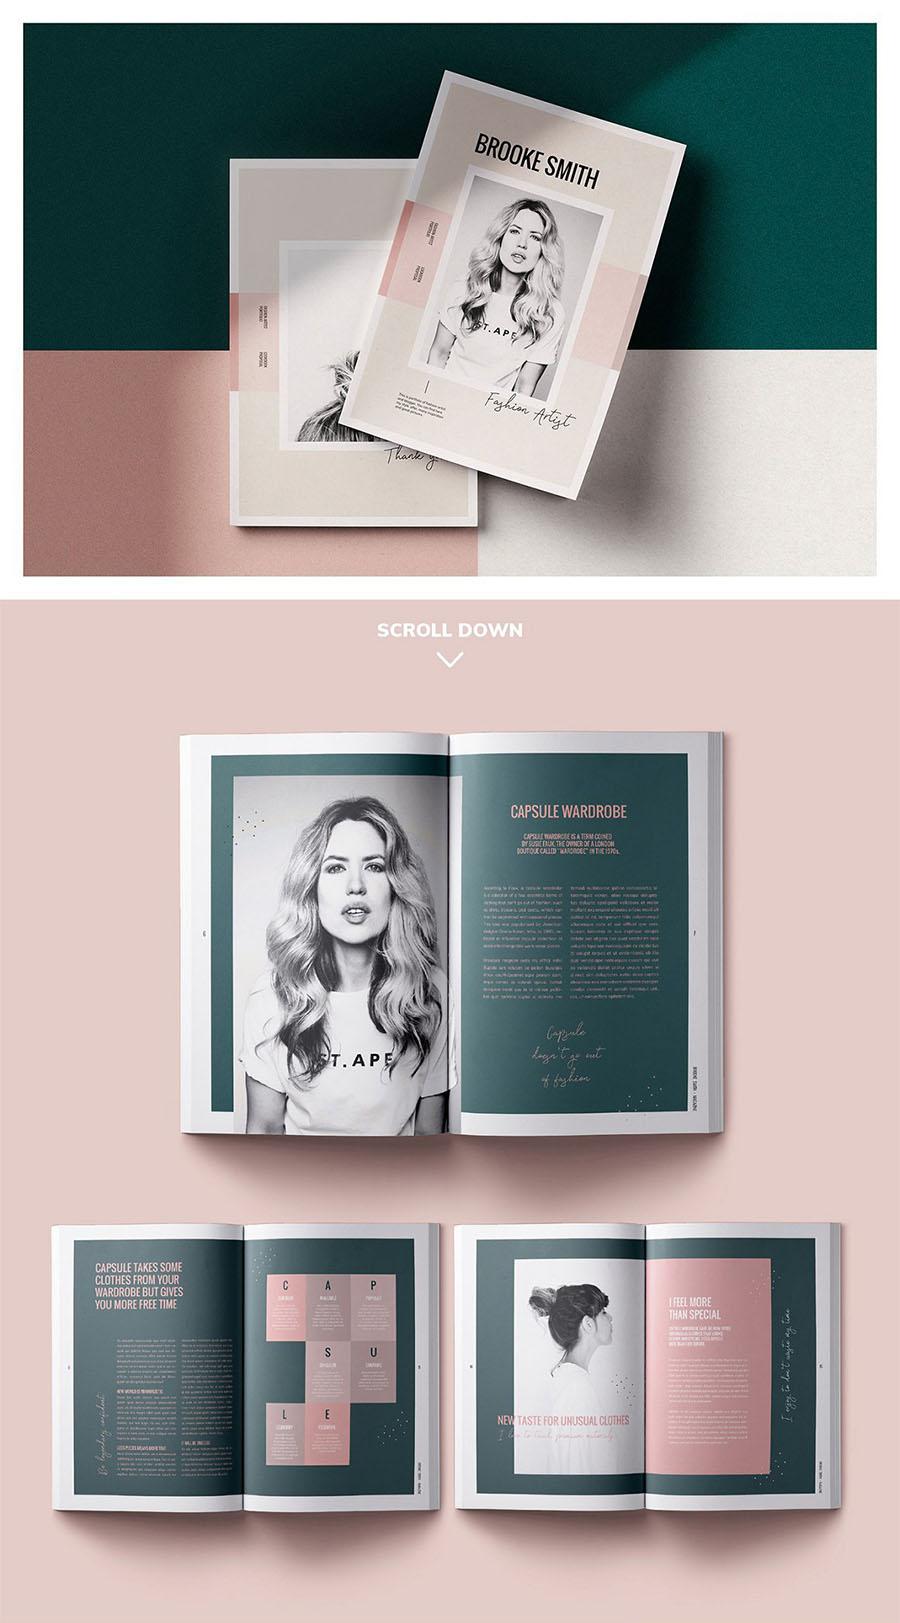 Magazine / CANVA, INDD / Brooke